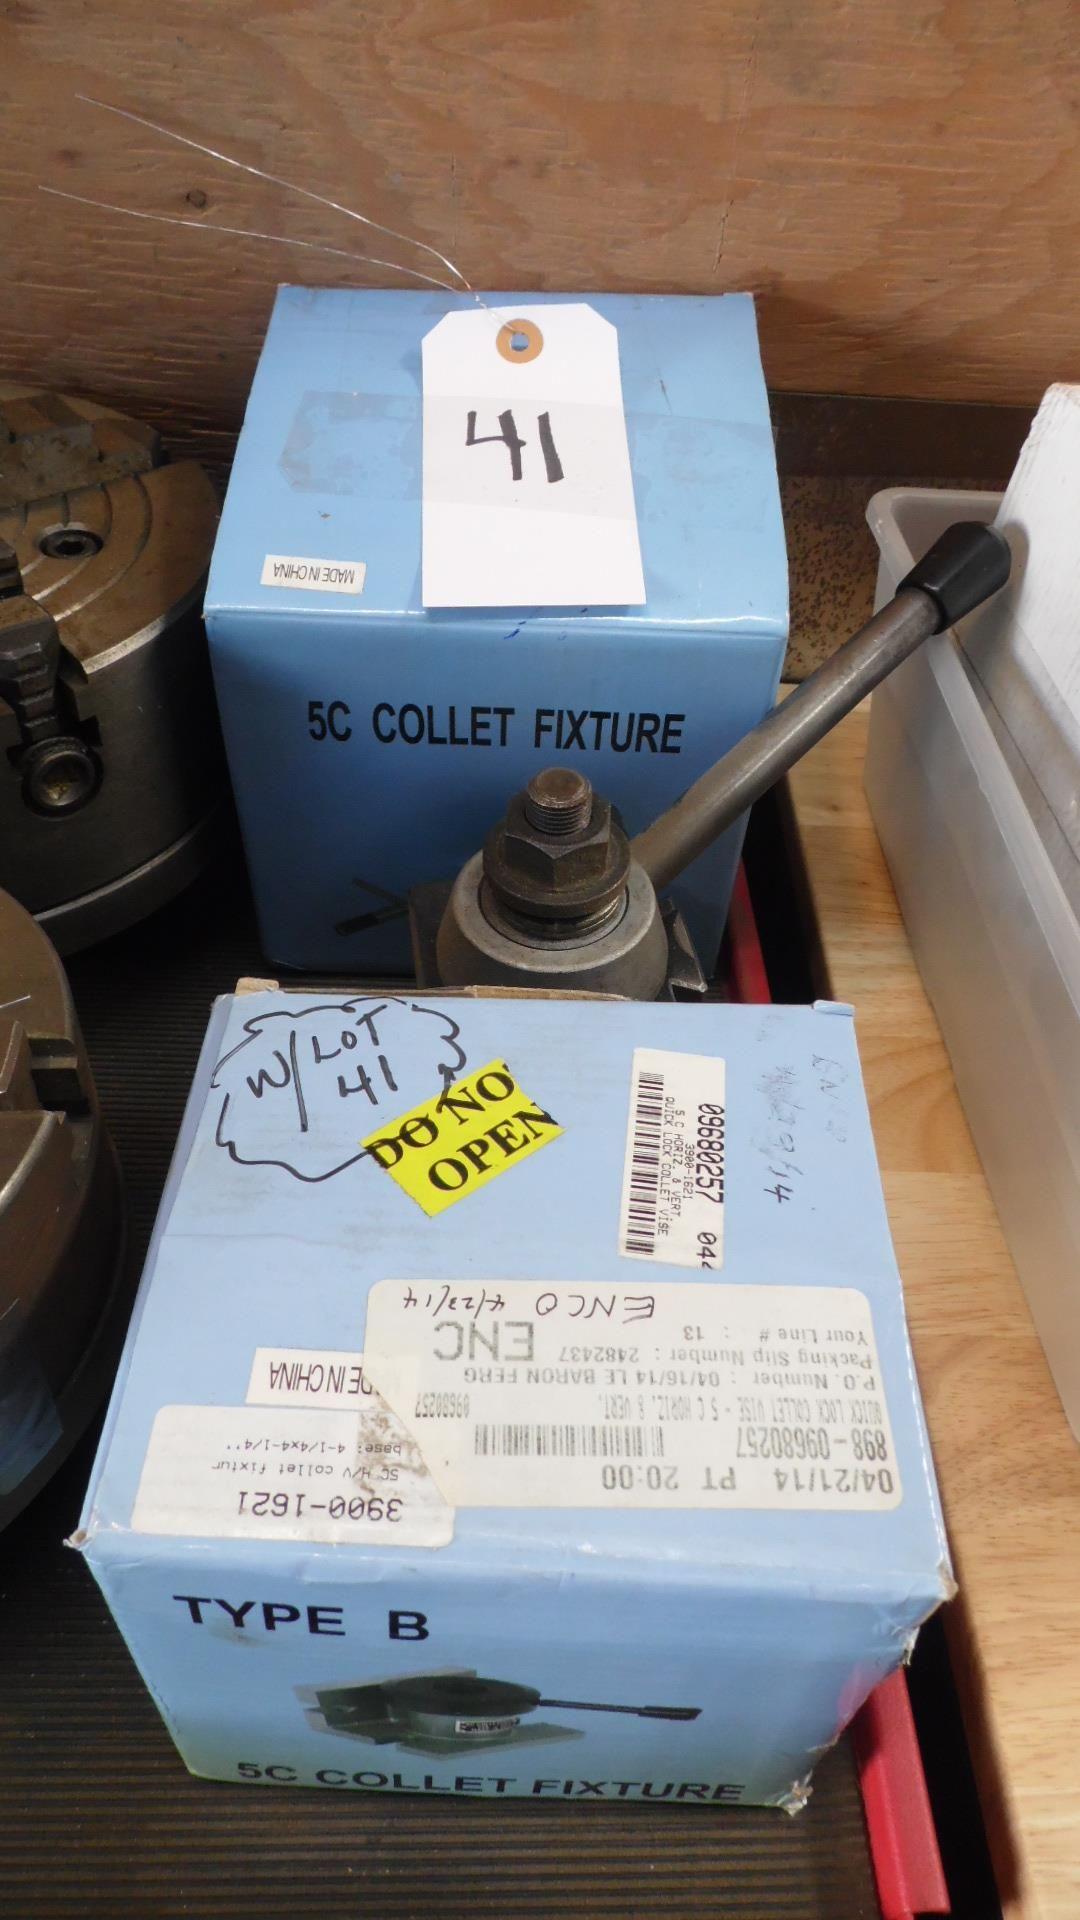 Lot 41 - COLLT FIXTURE 5C